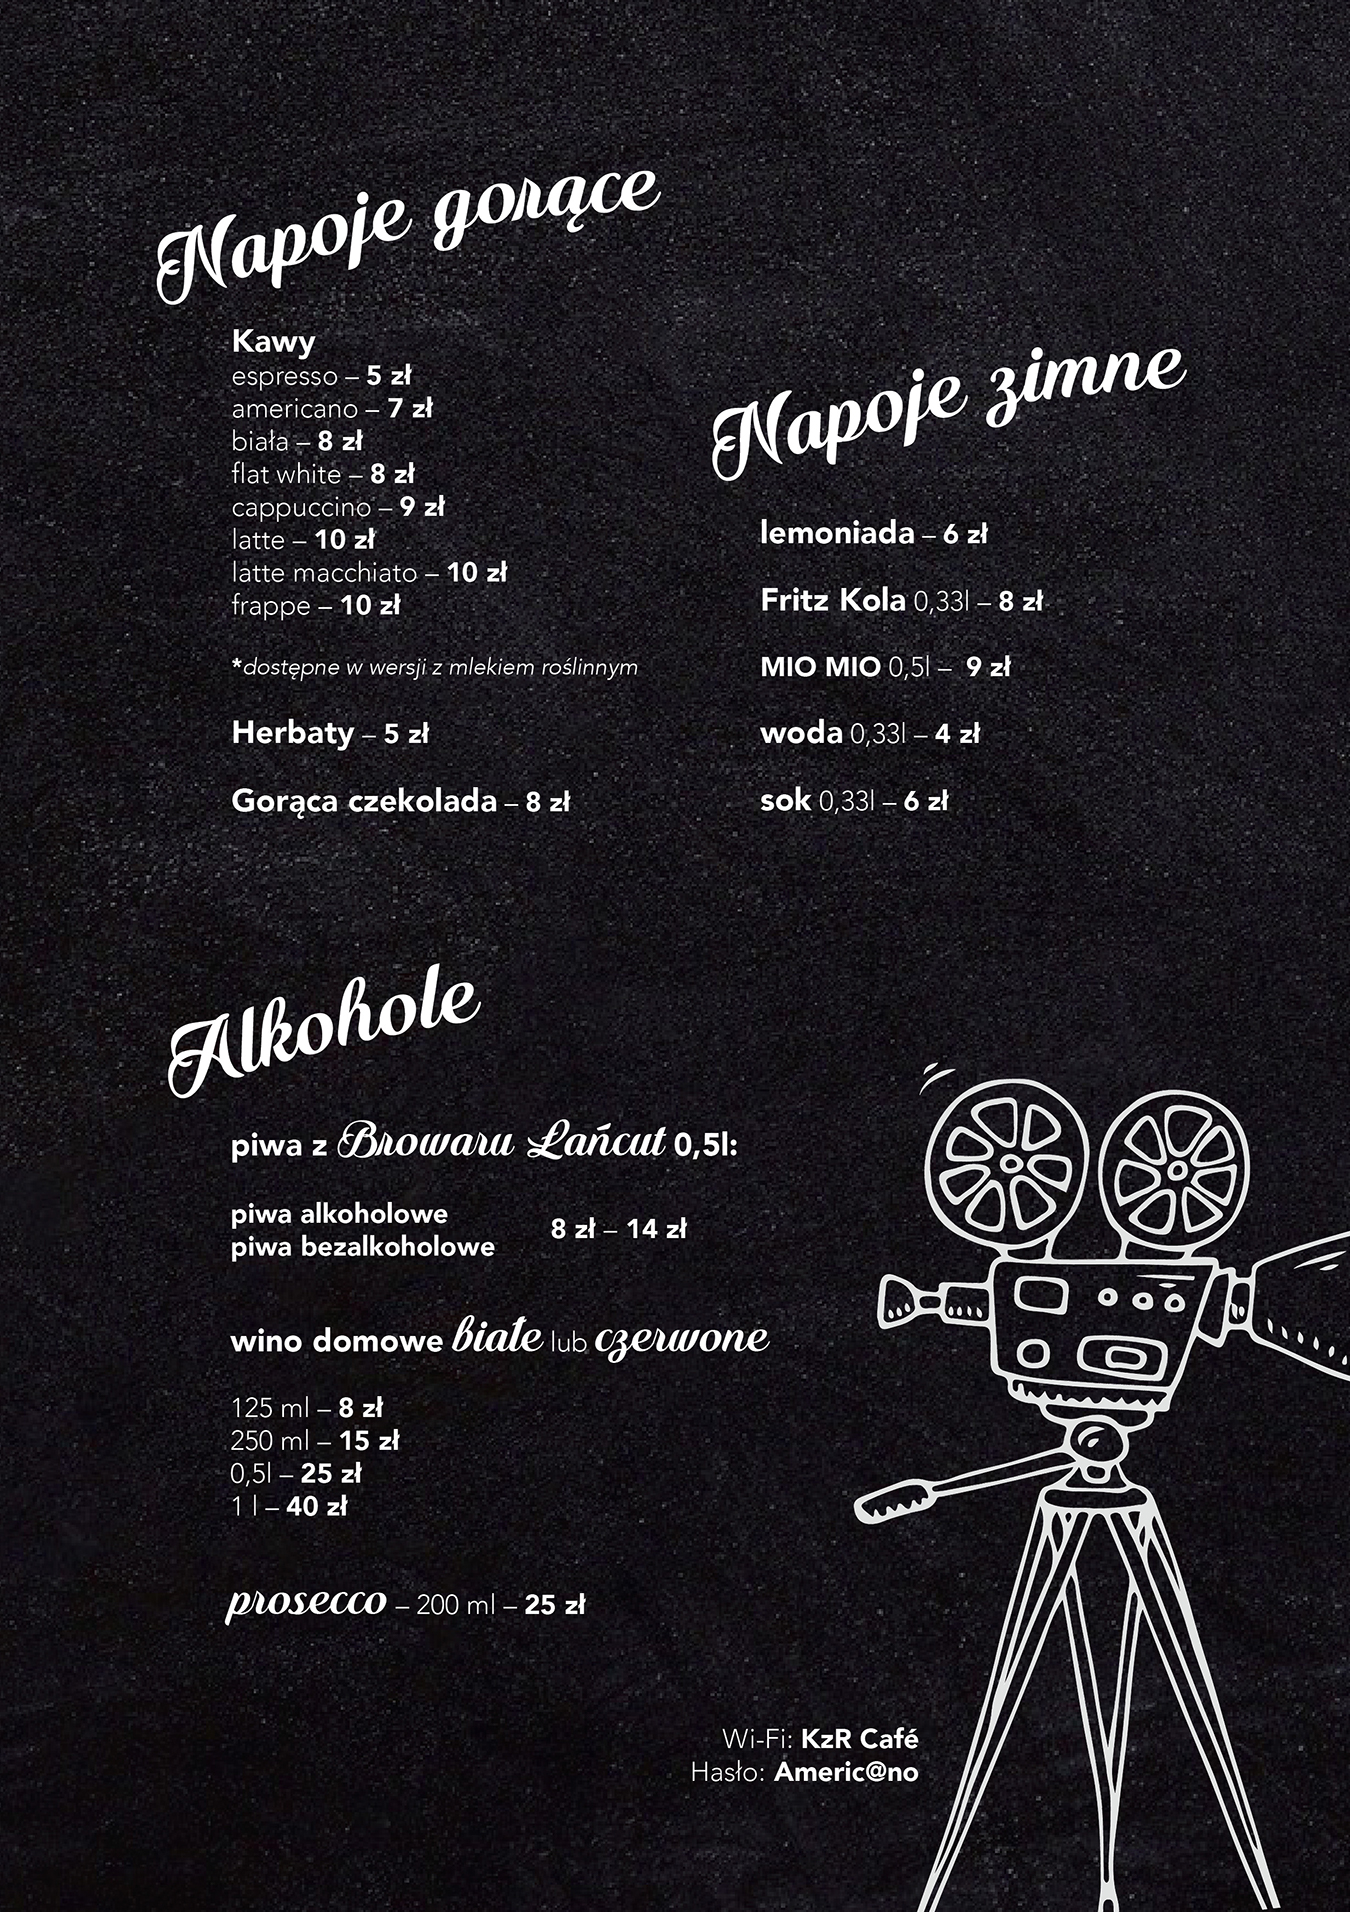 kino-menu-2-02